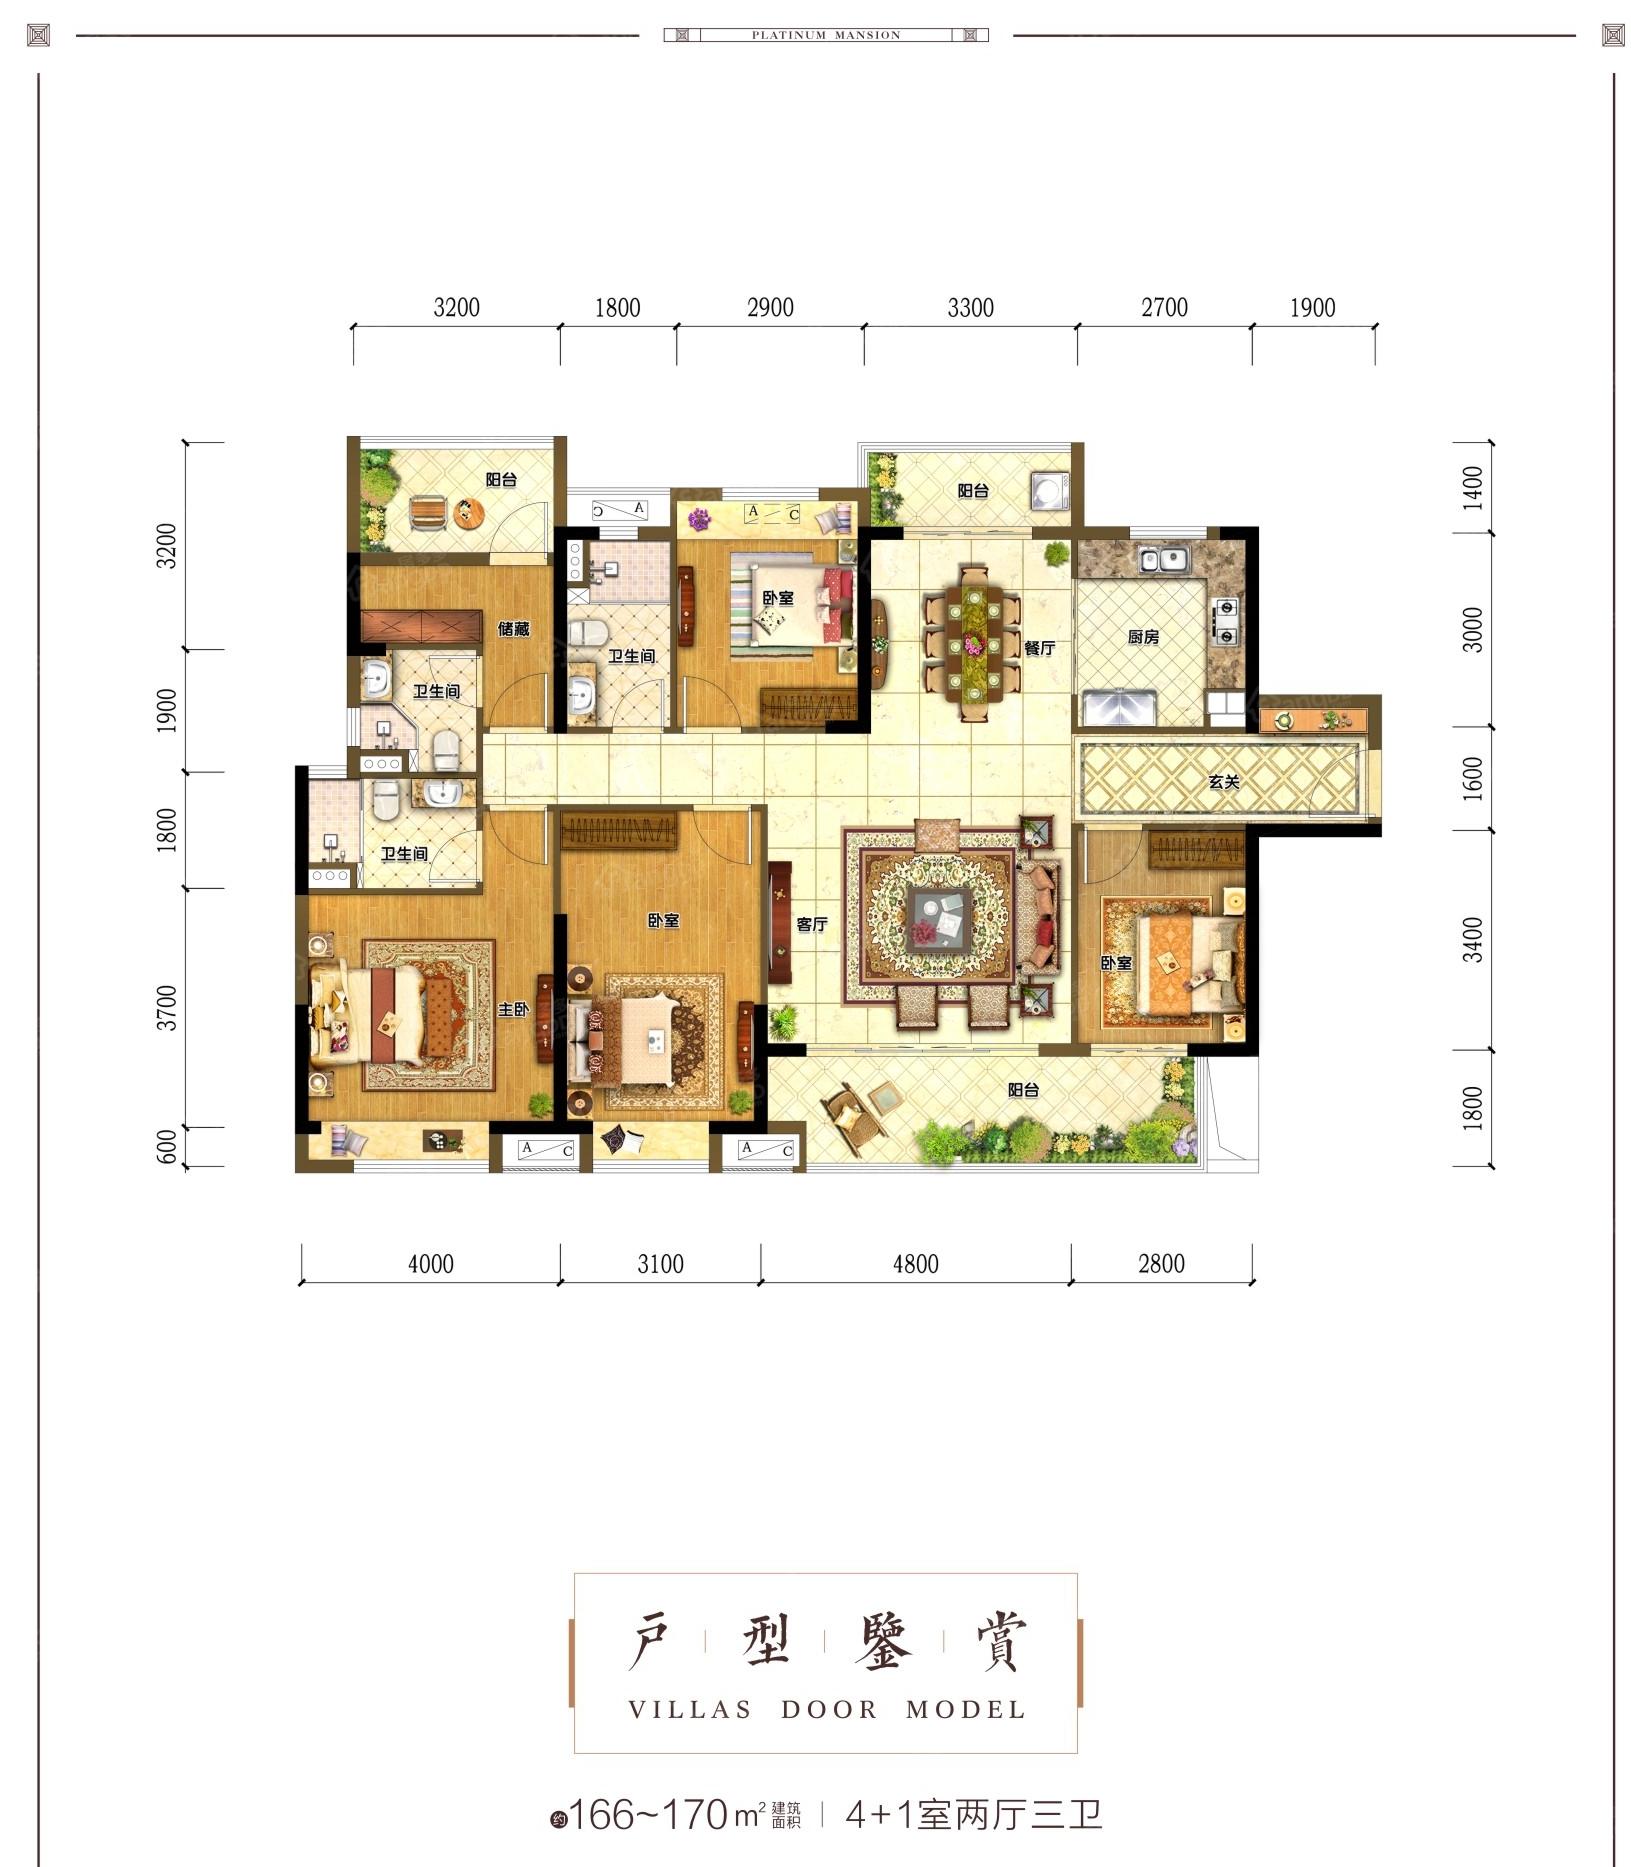 奥园梅江天韵4室2厅2卫户型图